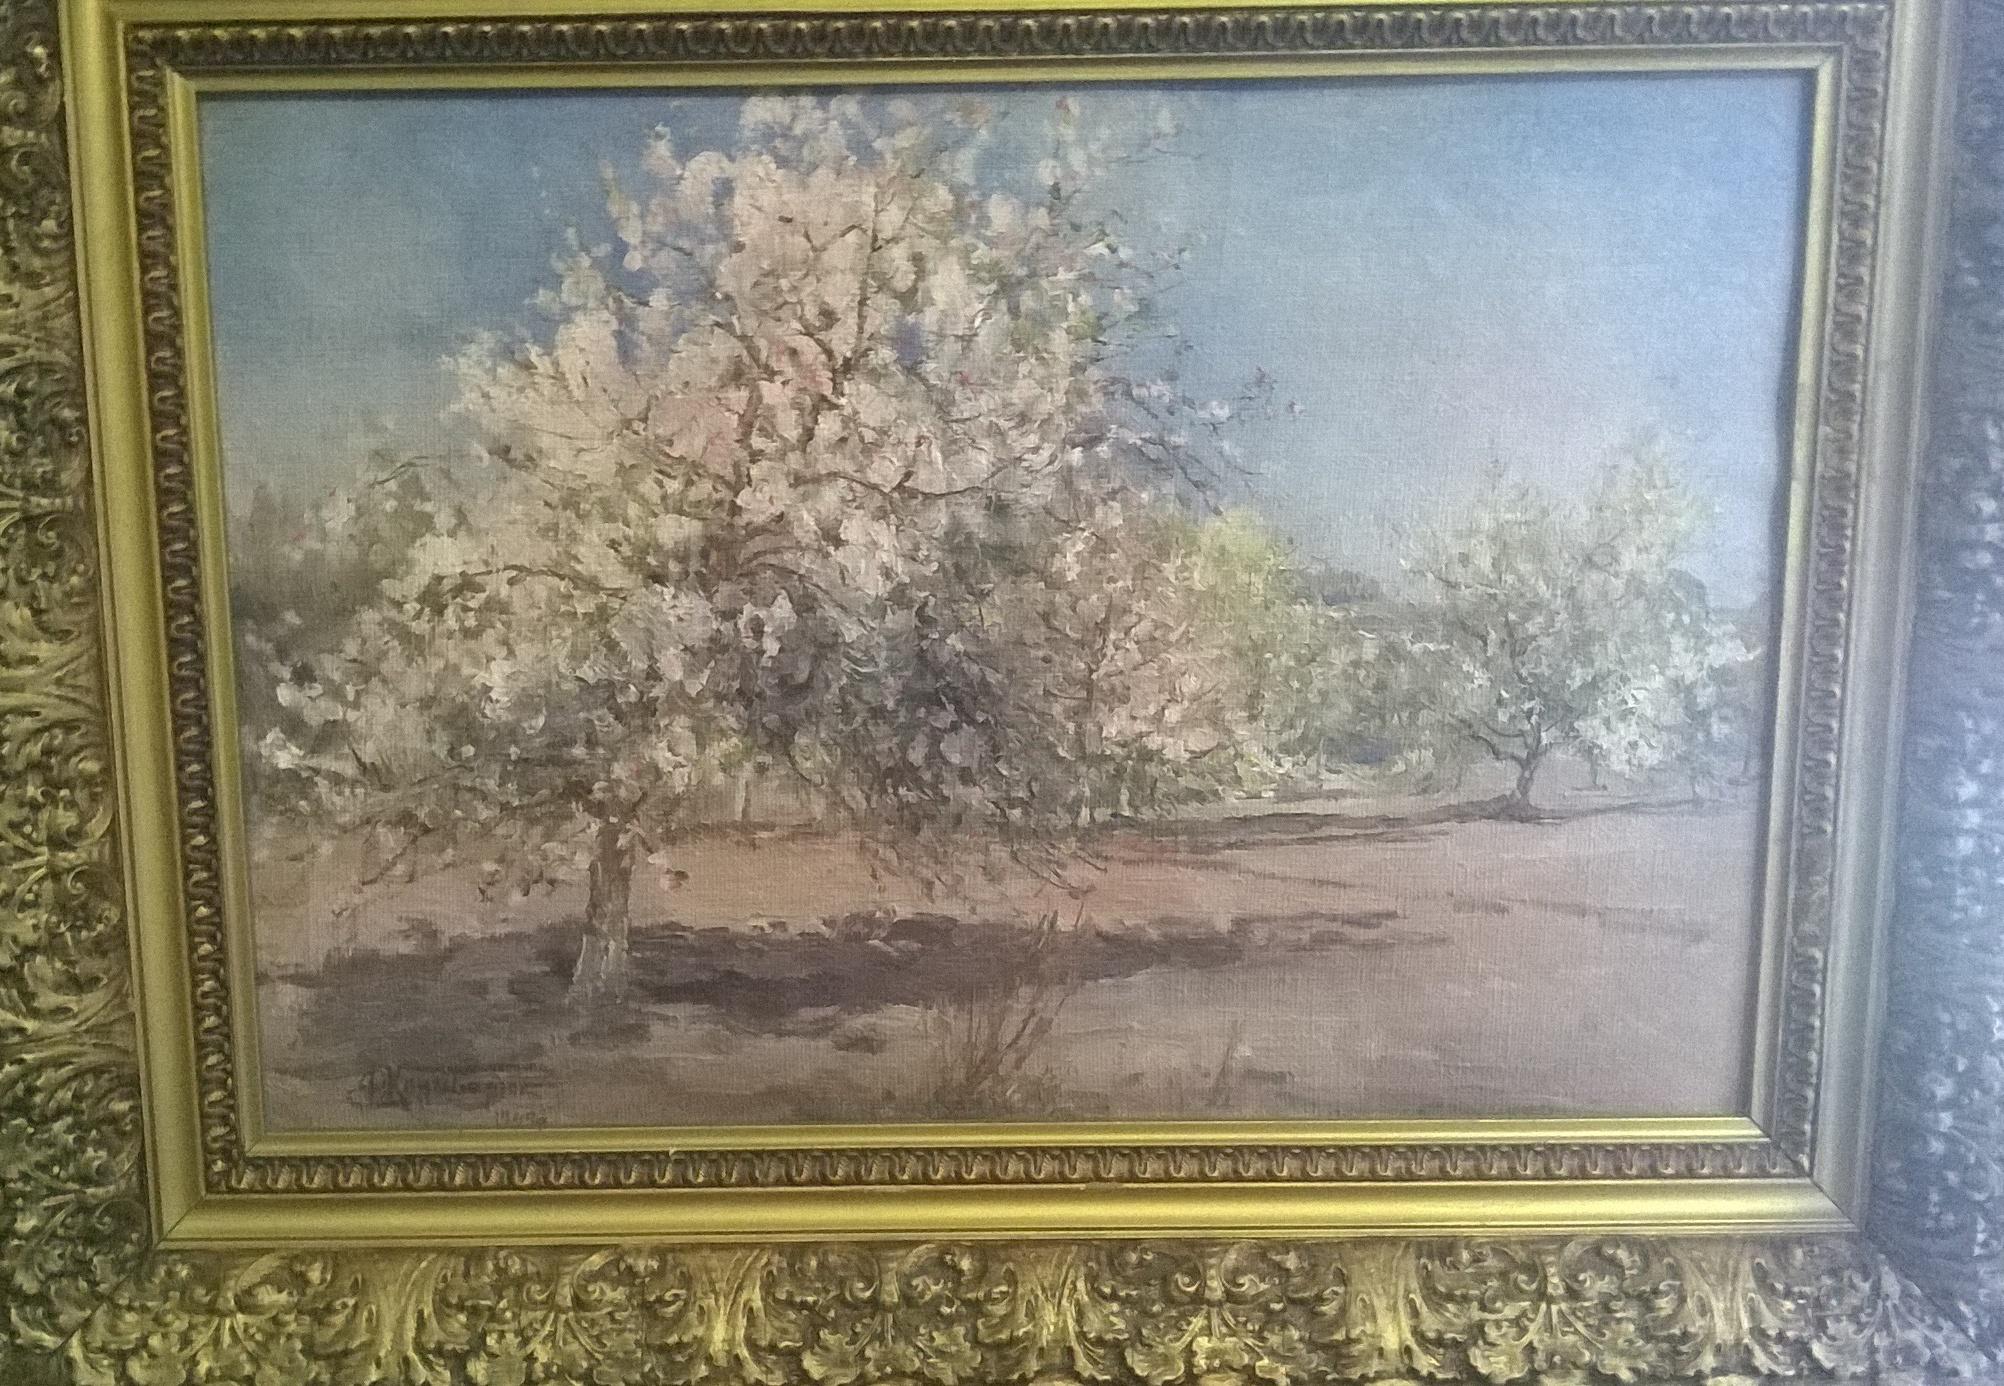 Цветет яблоня 1949. Холст, масло. - 2